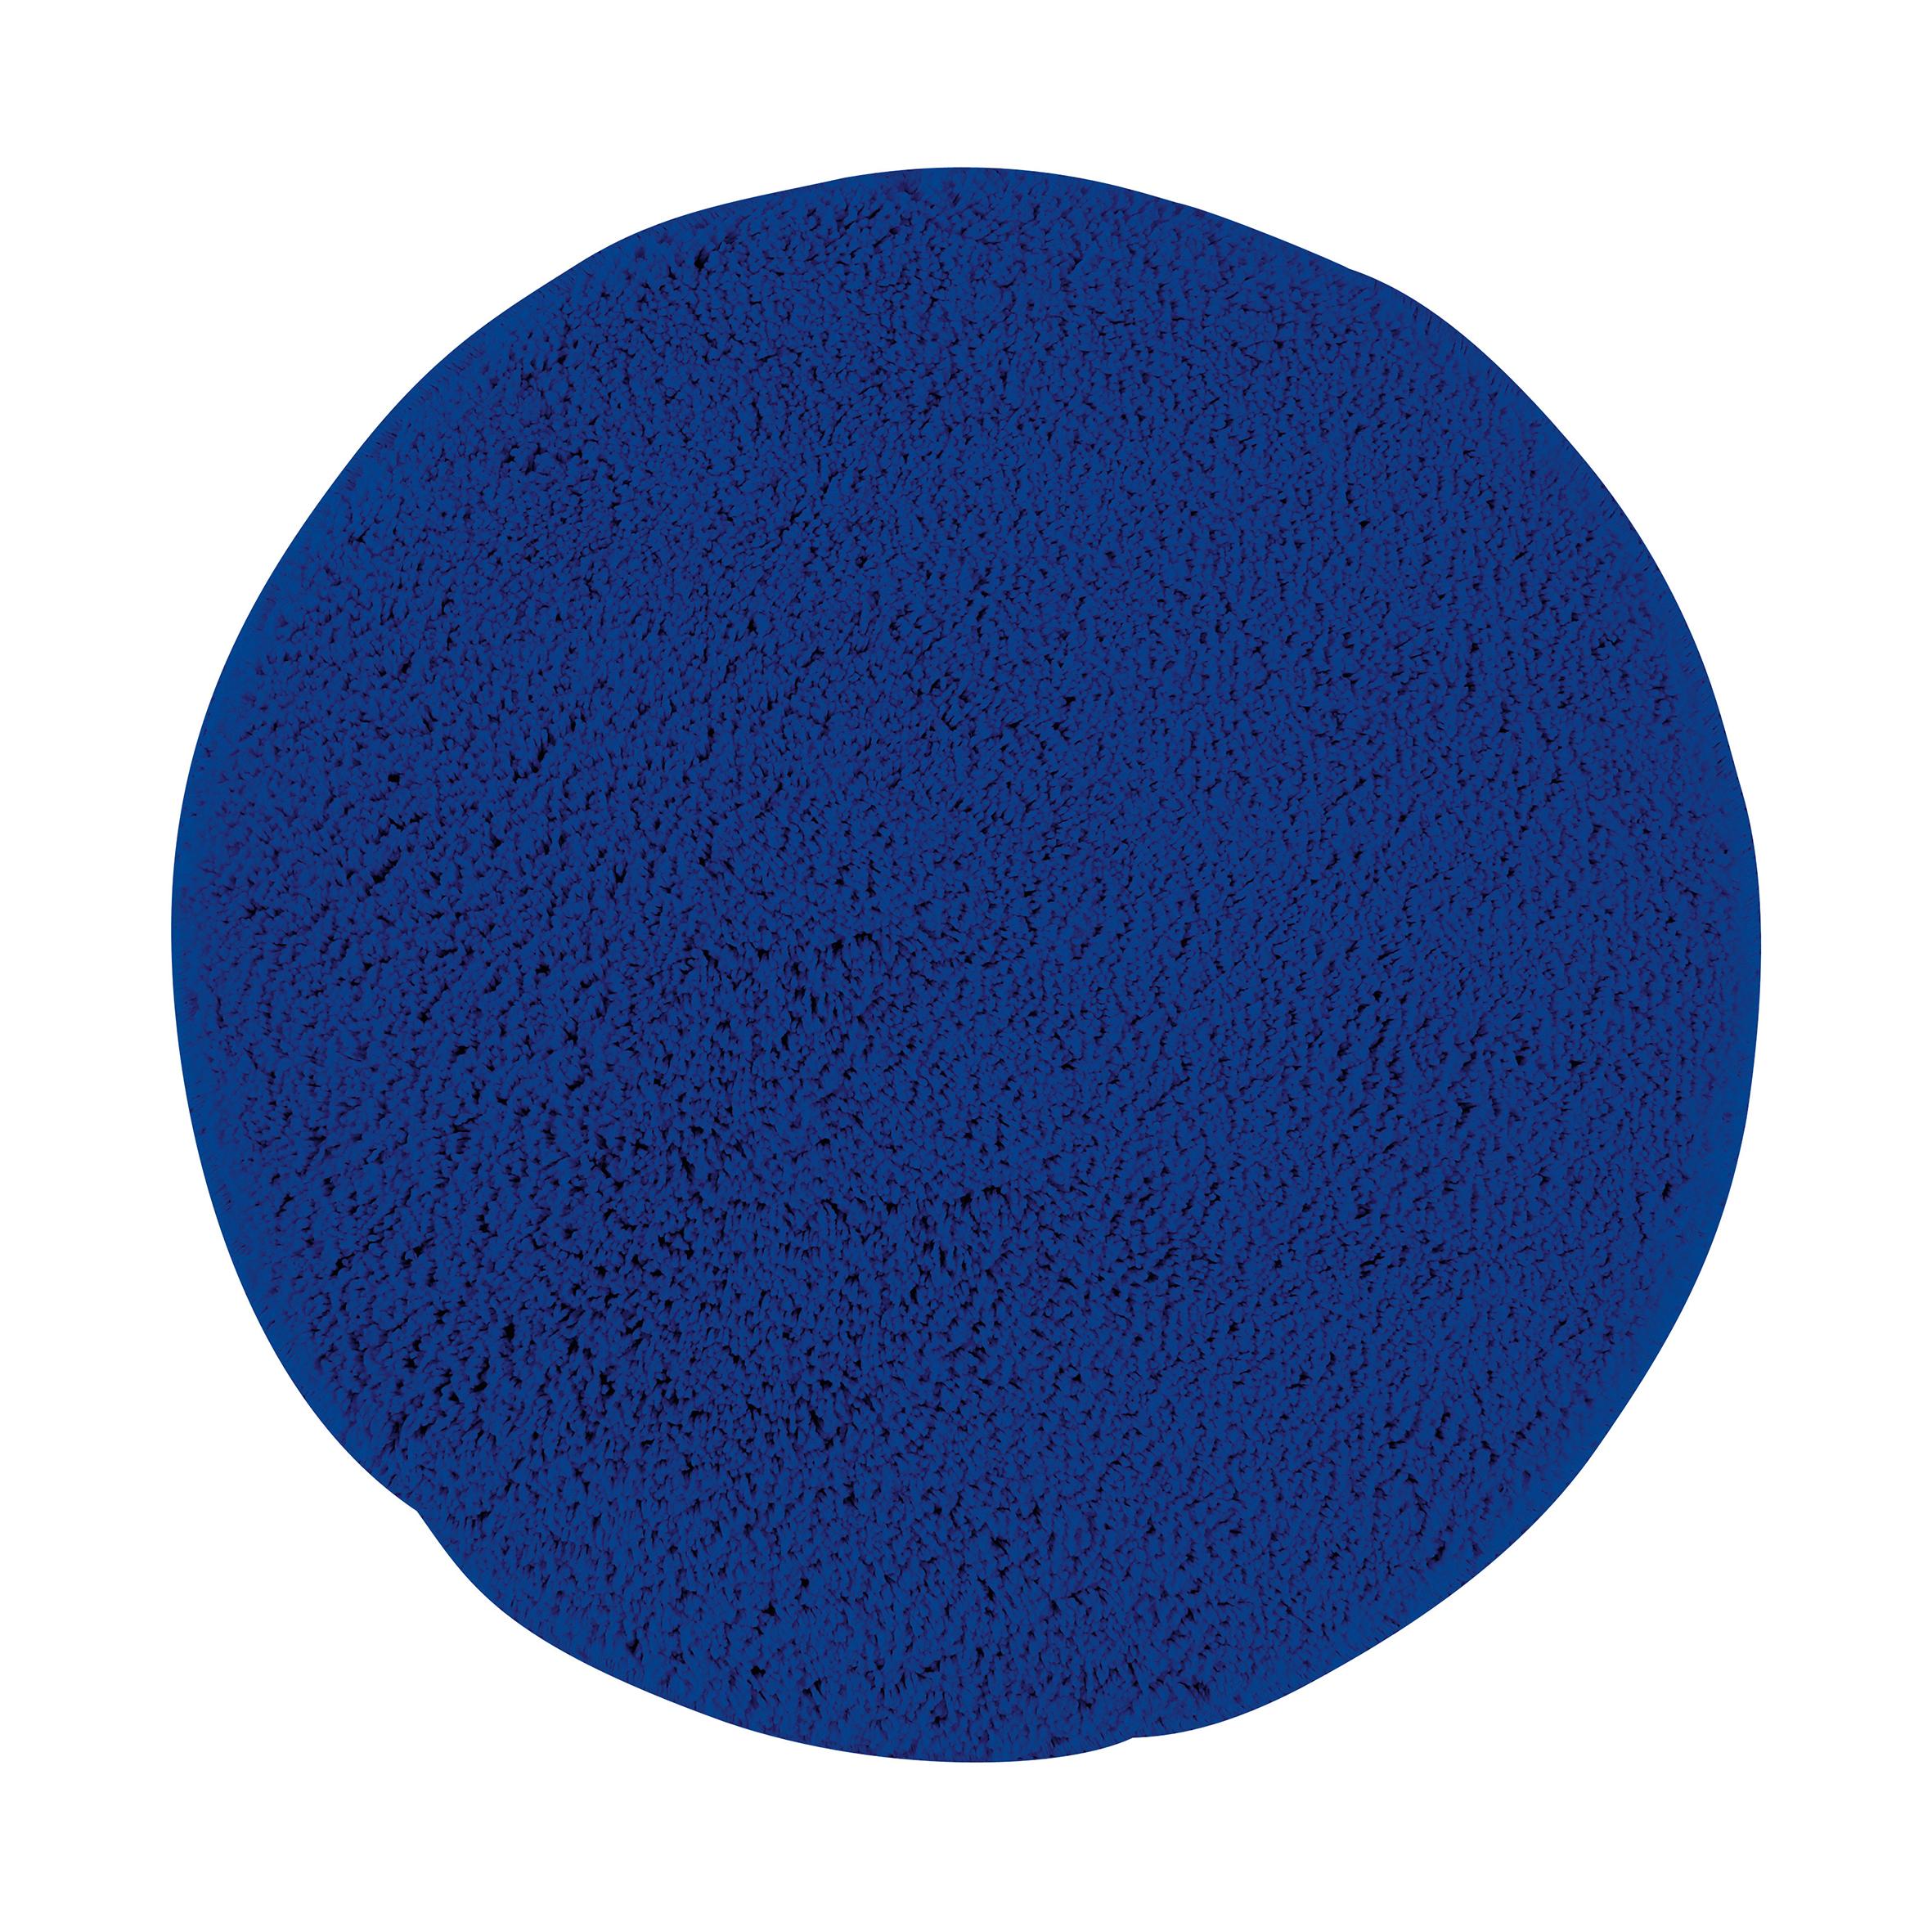 Коврик для ванной Axentia, противоскользящий, цвет: синий, диаметр 50 см116064Круглый коврик для ванной комнаты Axentia выполнен из высококачественной микрофибры. Противоскользящее основание изготовлено из термопластичной резины и подходит для полов с подогревом. Коврик стеганый, мягкий и приятный на ощупь, отлично впитывает влагу и быстро сохнет. Высокая износостойкость коврика и стойкость цвета позволит вам наслаждаться покупкой долгие годы. Можно стирать в стиральной машине. Диаметр коврика: 50 см. Высота ворса: 1,5 см.